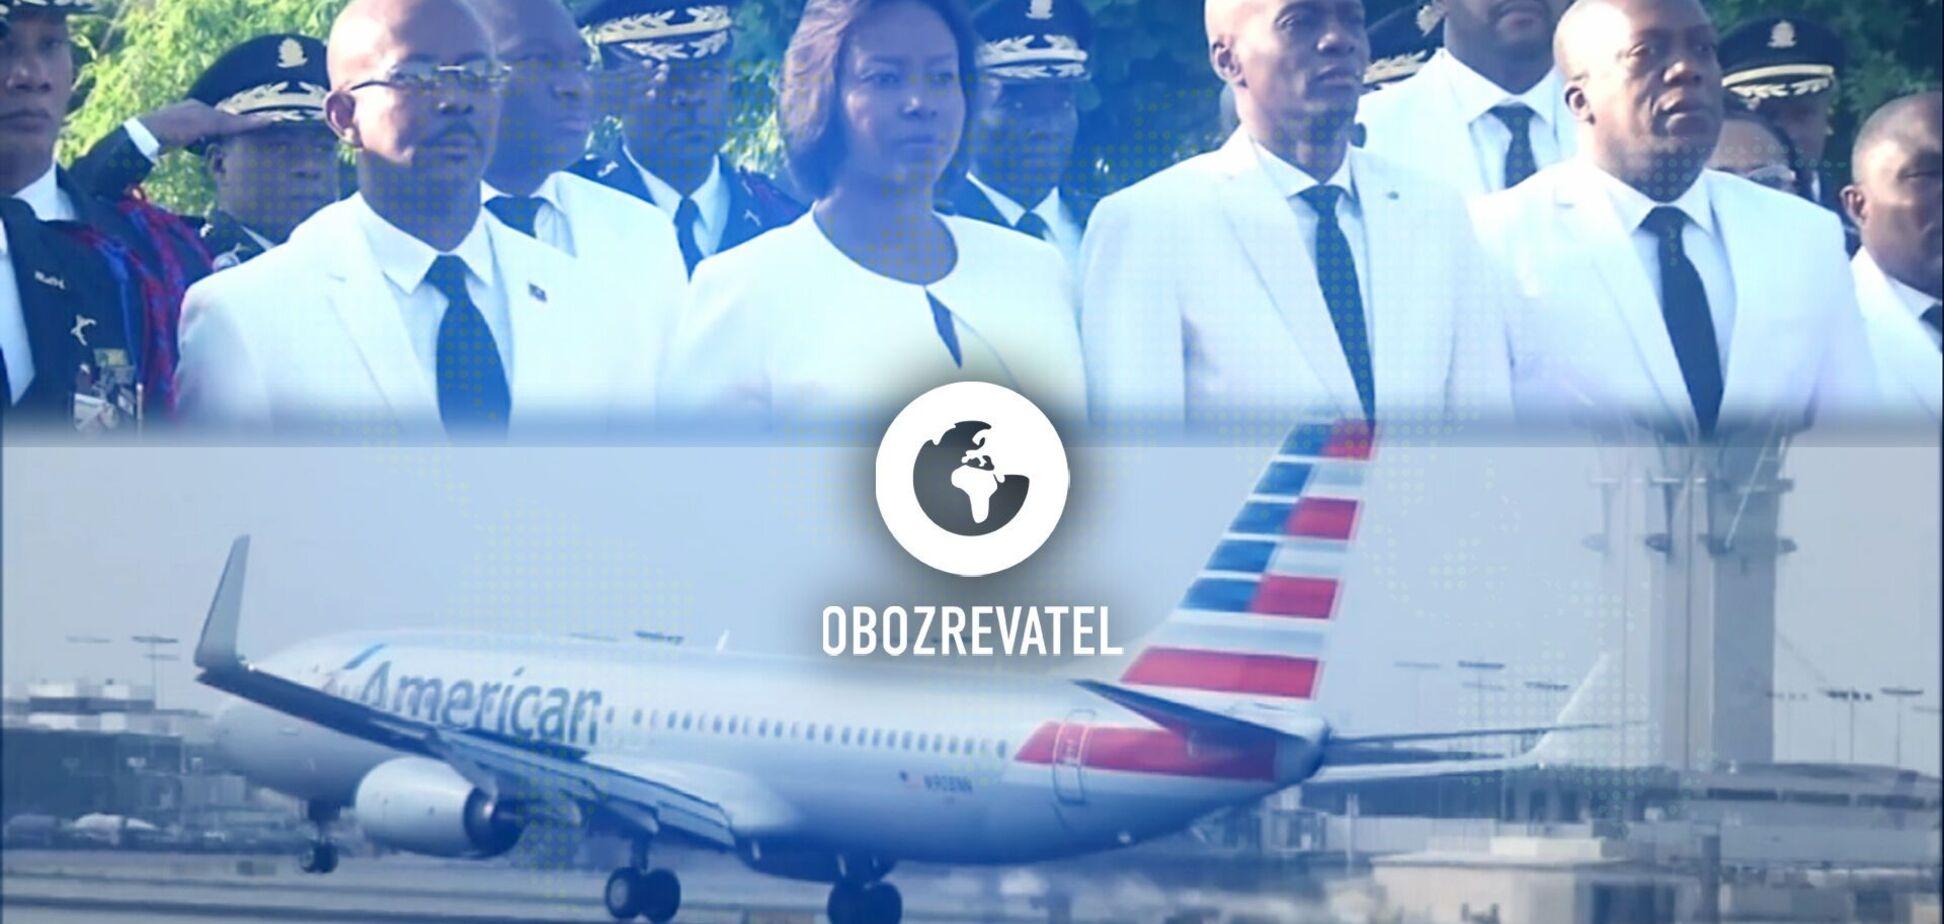 Вбивство президента Гаїті та заборона продажу квитків з Америки у Білорусь – дайджест міжнародних подій